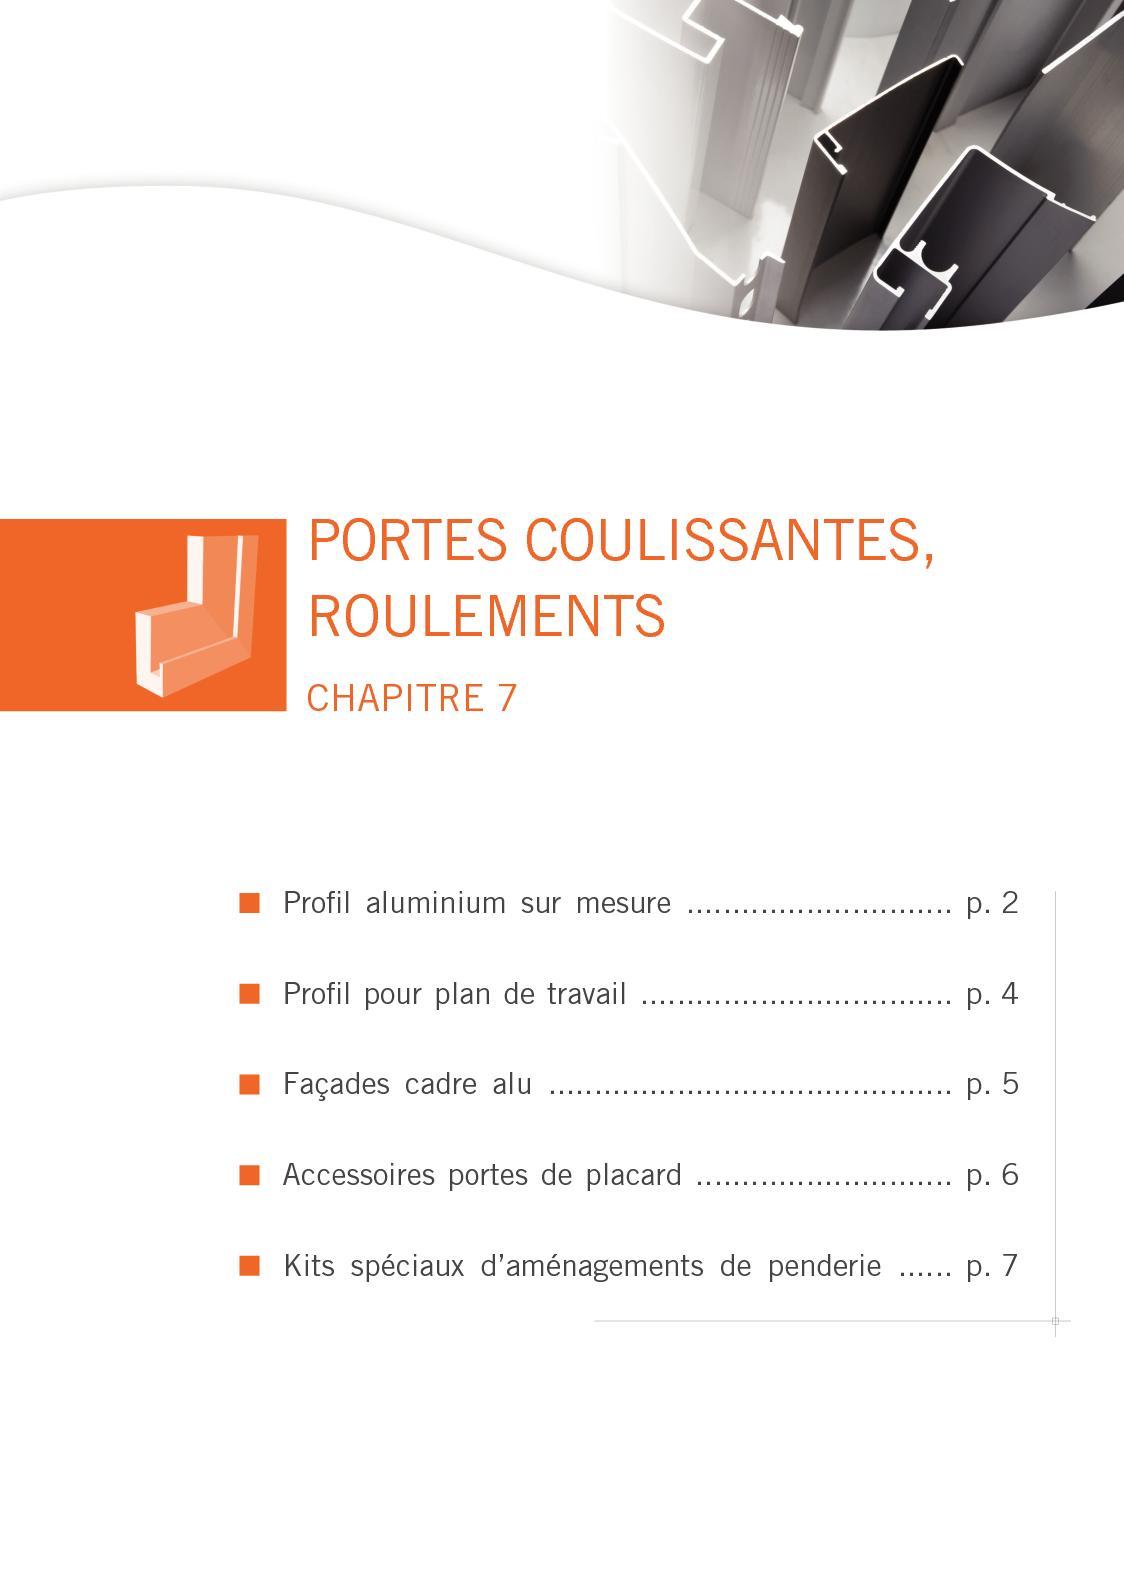 kit imposte porte de placard Calaméo - Chapitre 7 Hd